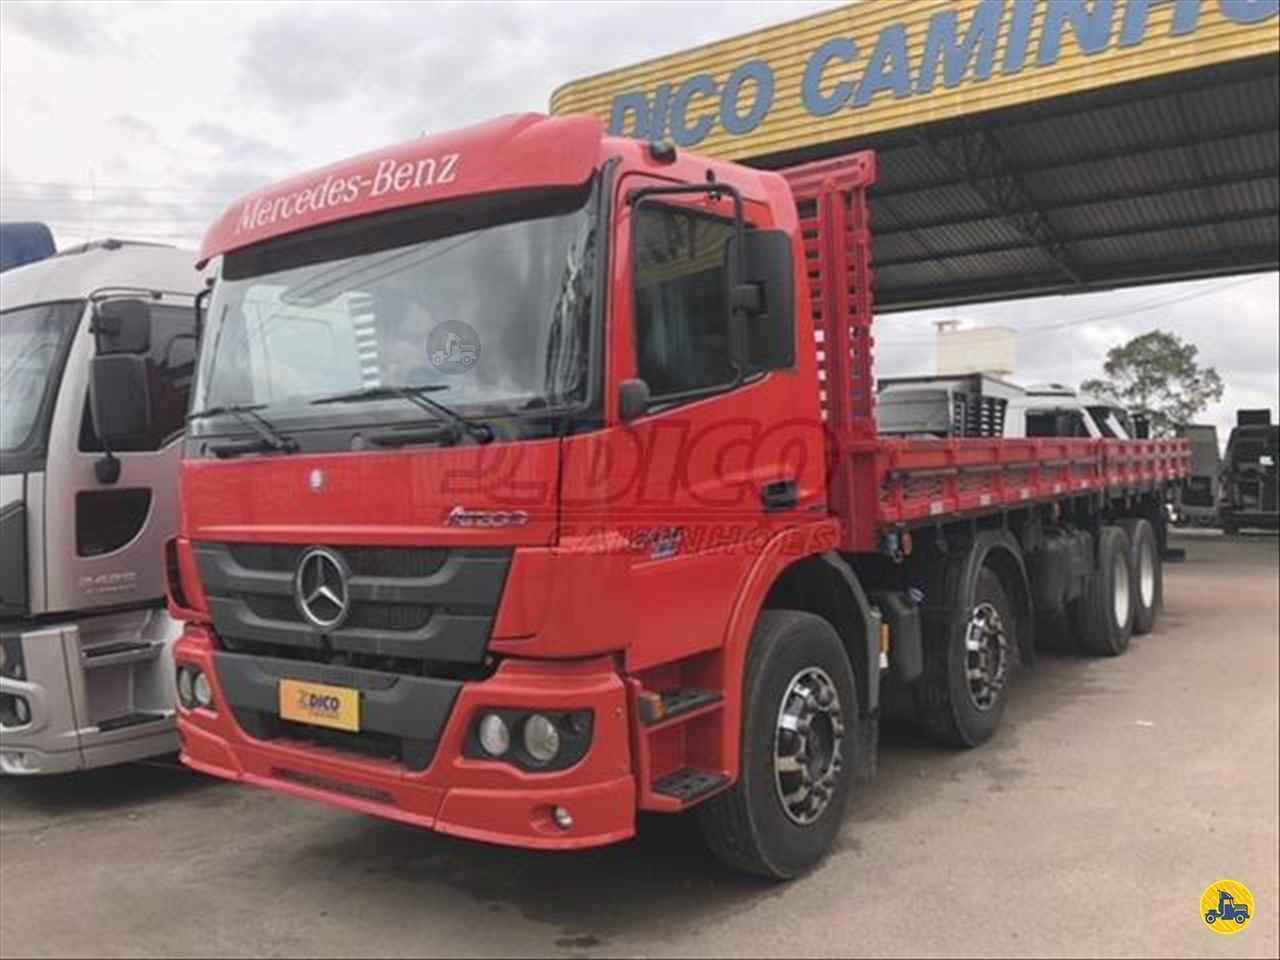 CAMINHAO MERCEDES-BENZ MB 2430 Carga Seca BiTruck 8x2 Dico Caminhões RIO DO SUL SANTA CATARINA SC